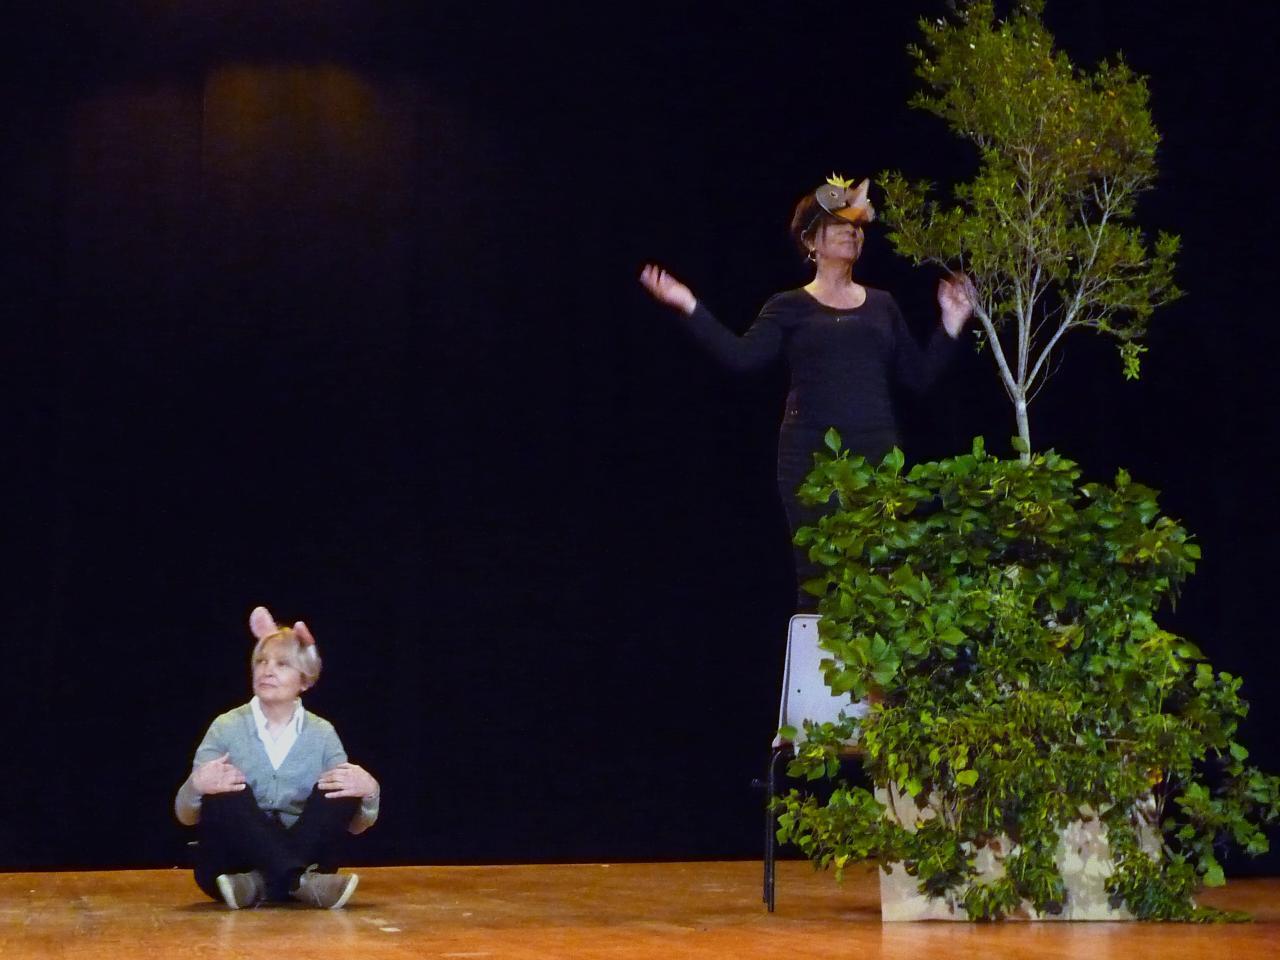 Le pt Théâtre fait son casting :Le corbeau et le Lapin